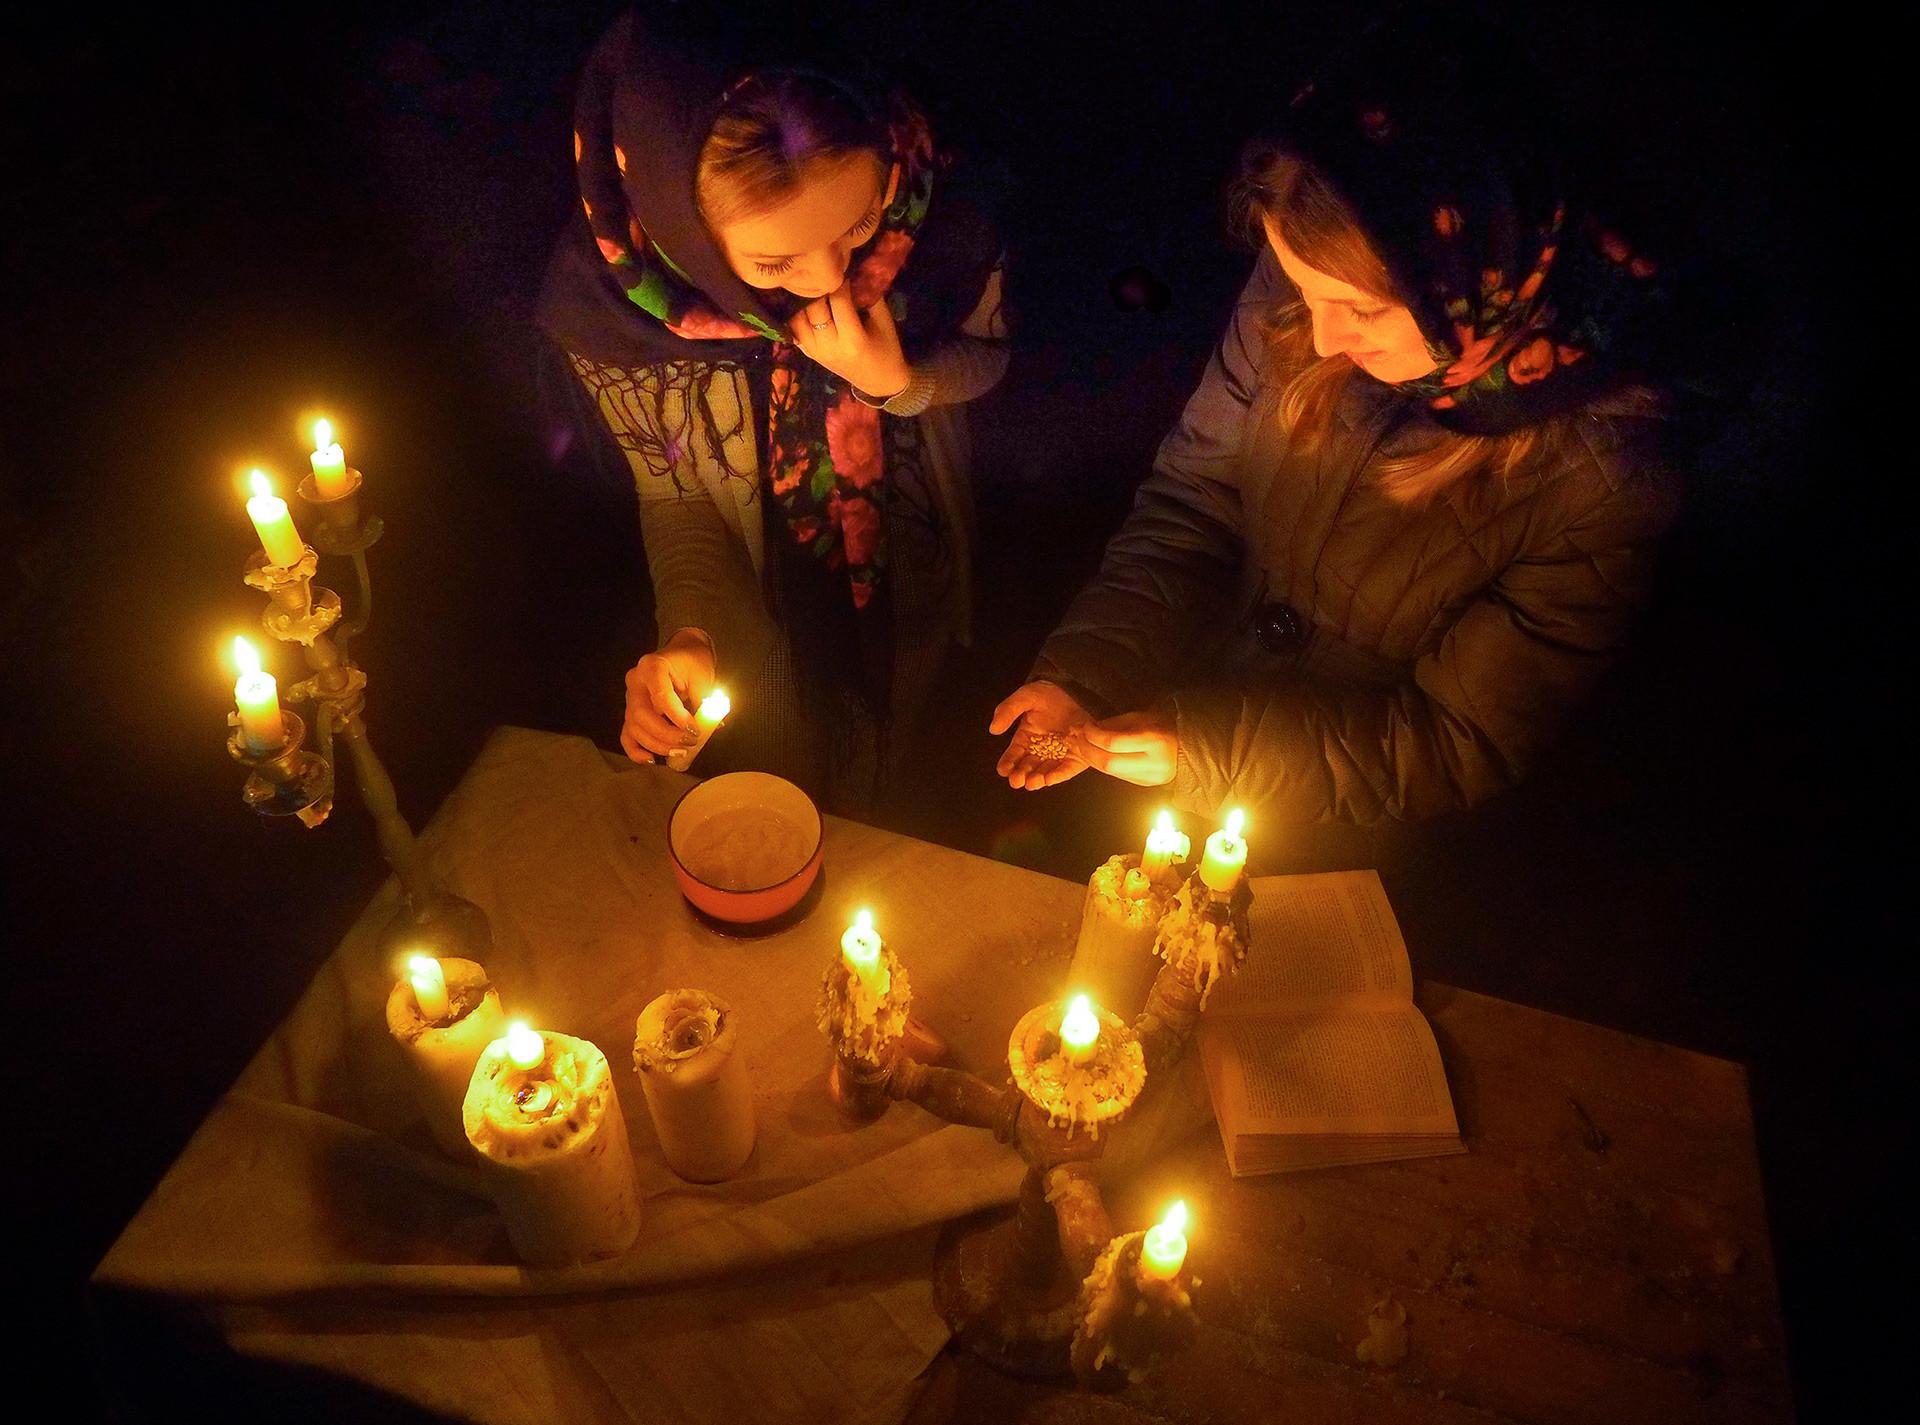 Anak-anak perempuan mencoba membaca masa depan dengan menggunakan gandum di Museum Etnografis Sarepta Tua.